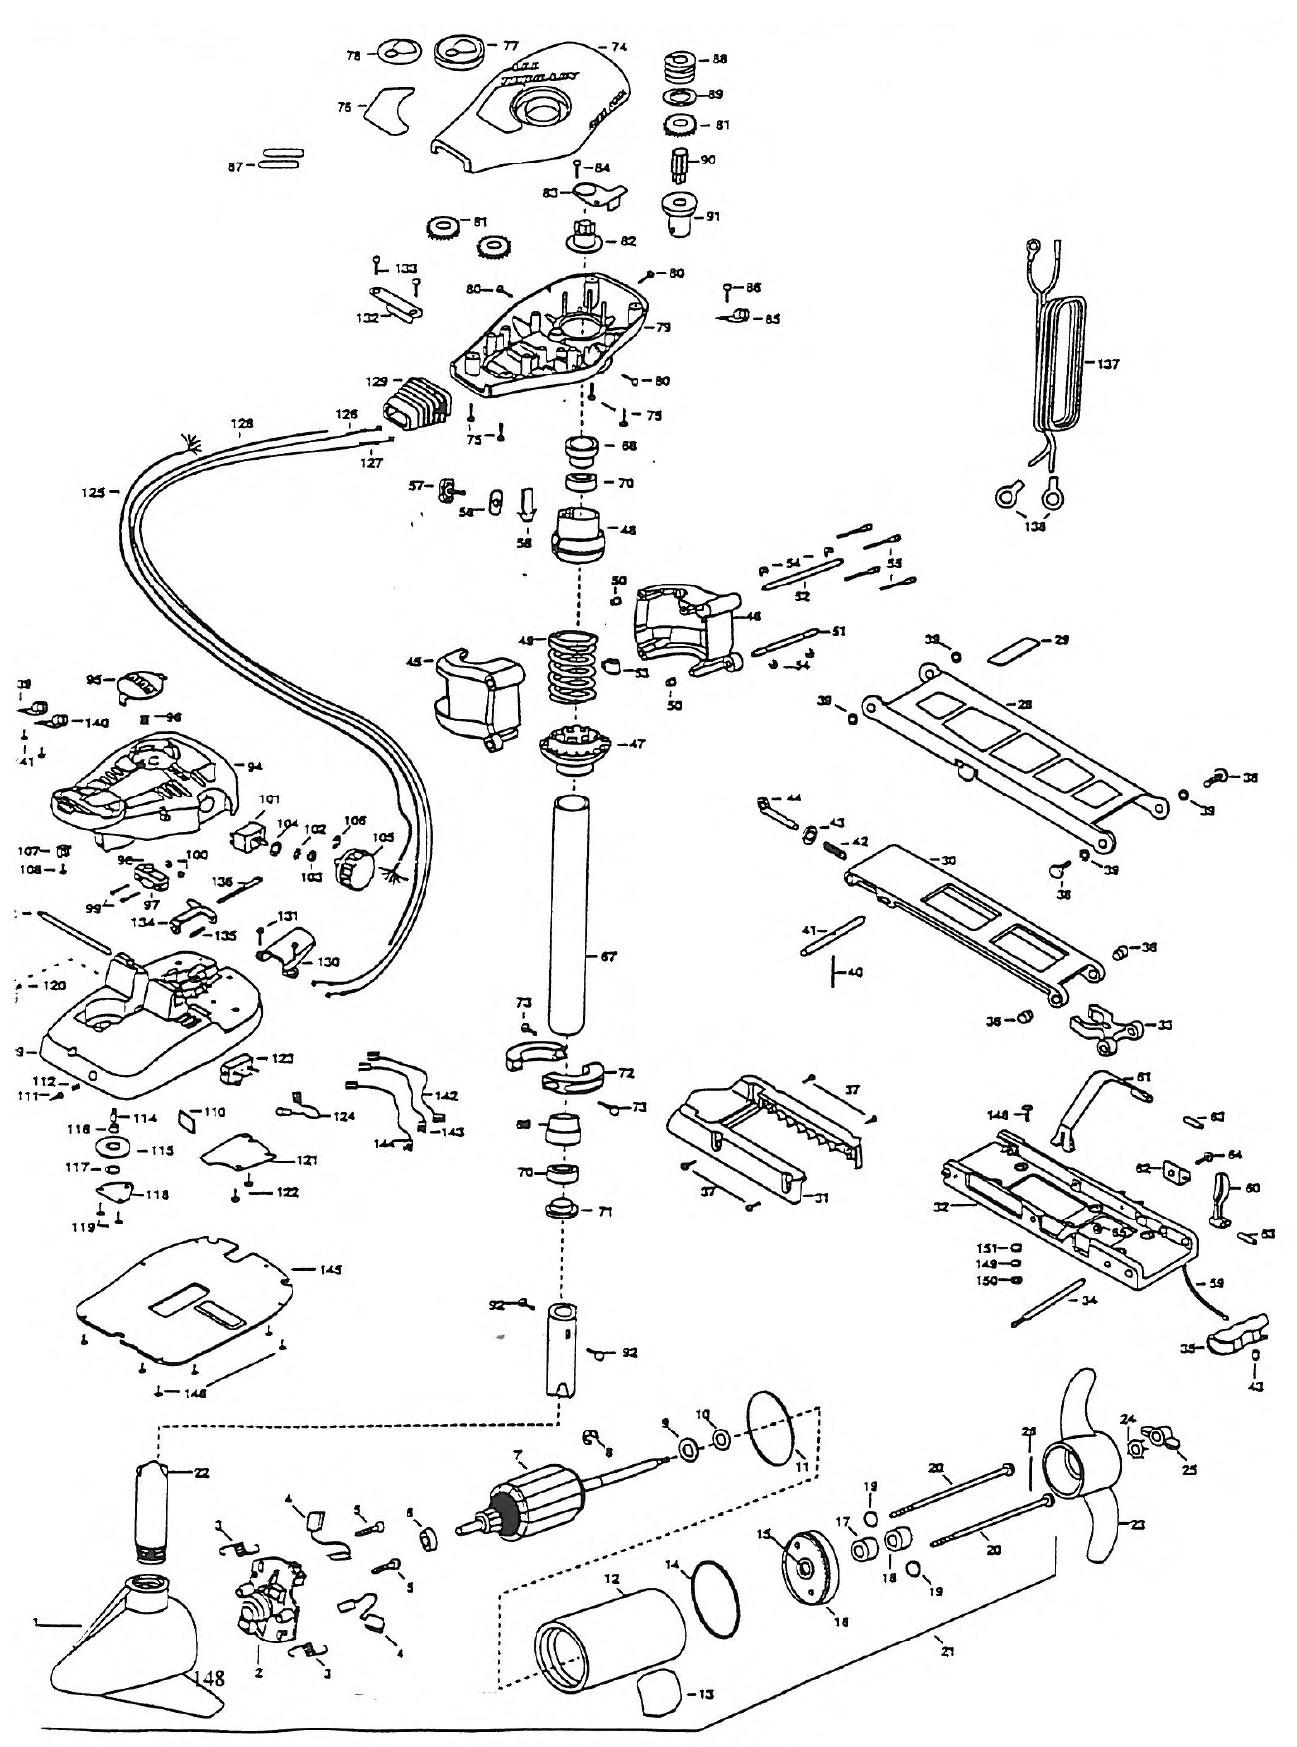 minn kota motor repair